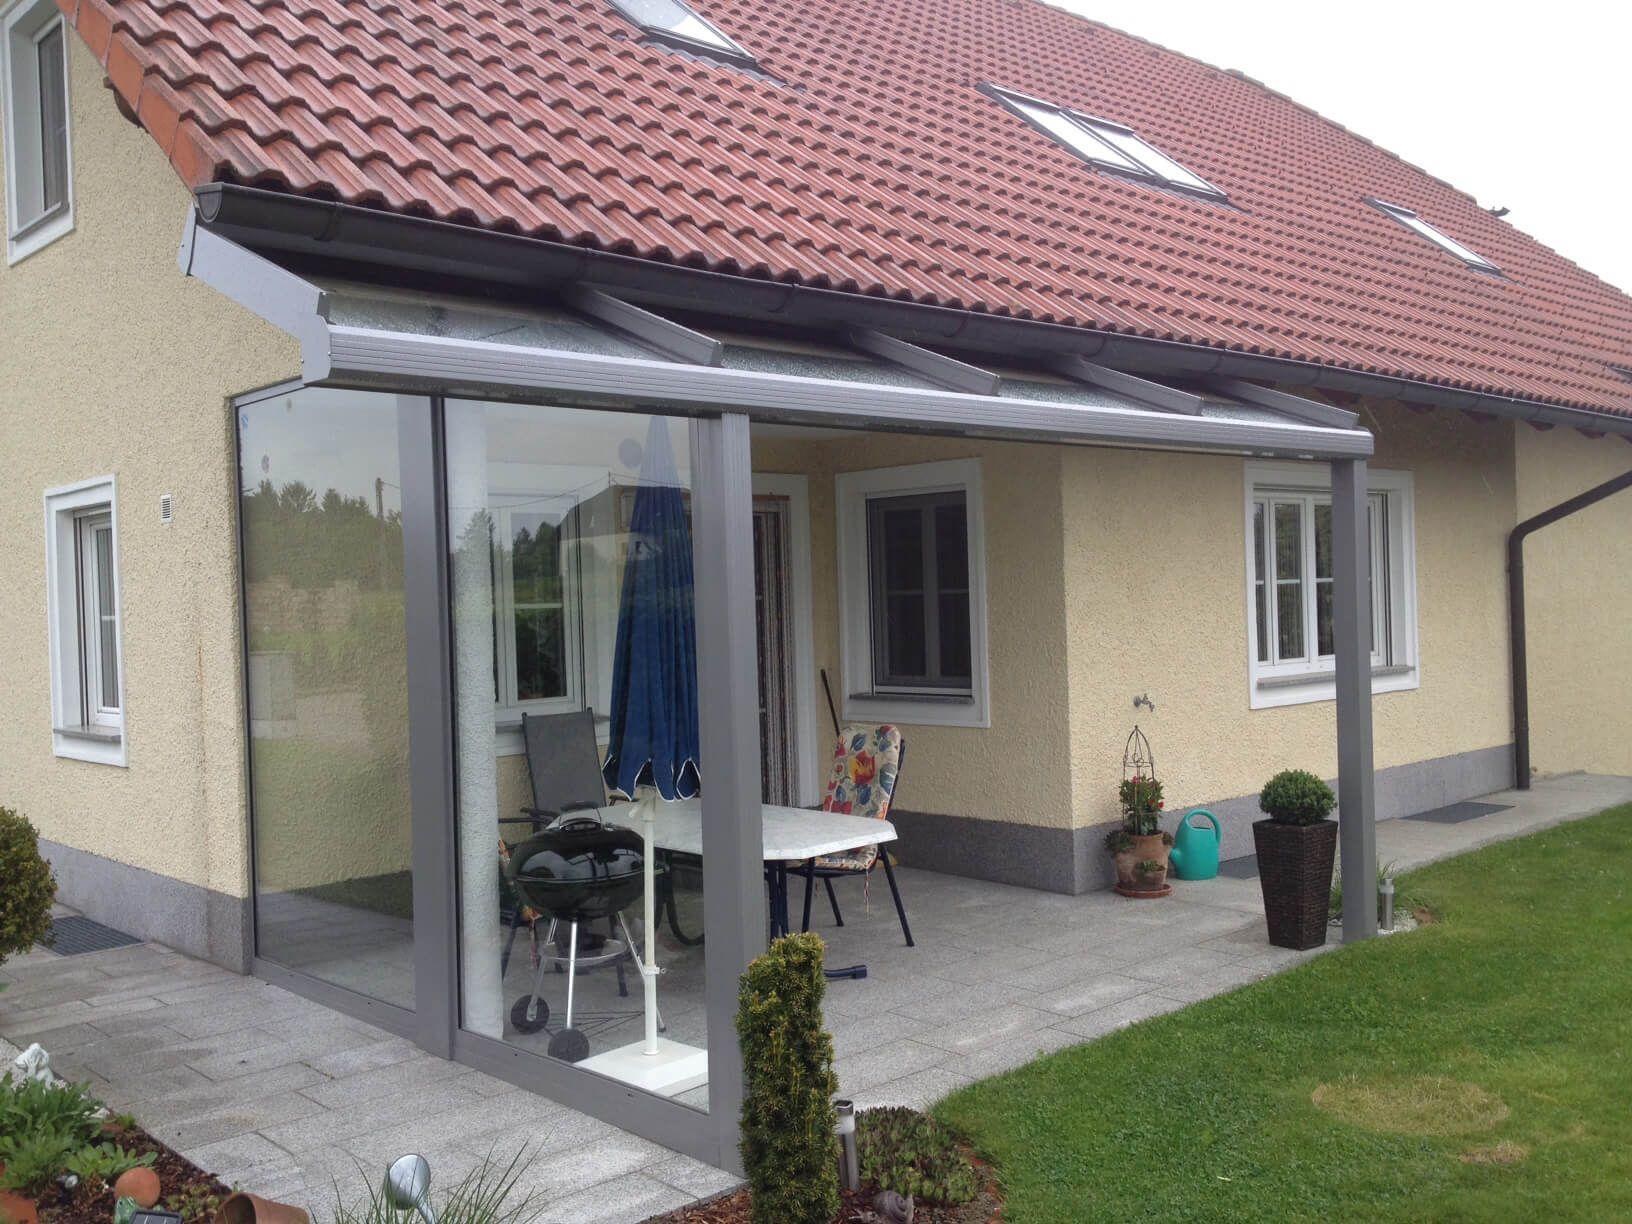 Seitlicher Windschutz Mit Überdachung Für Terrasse & Balkon ... dedans Terrasse Couverte Fermée